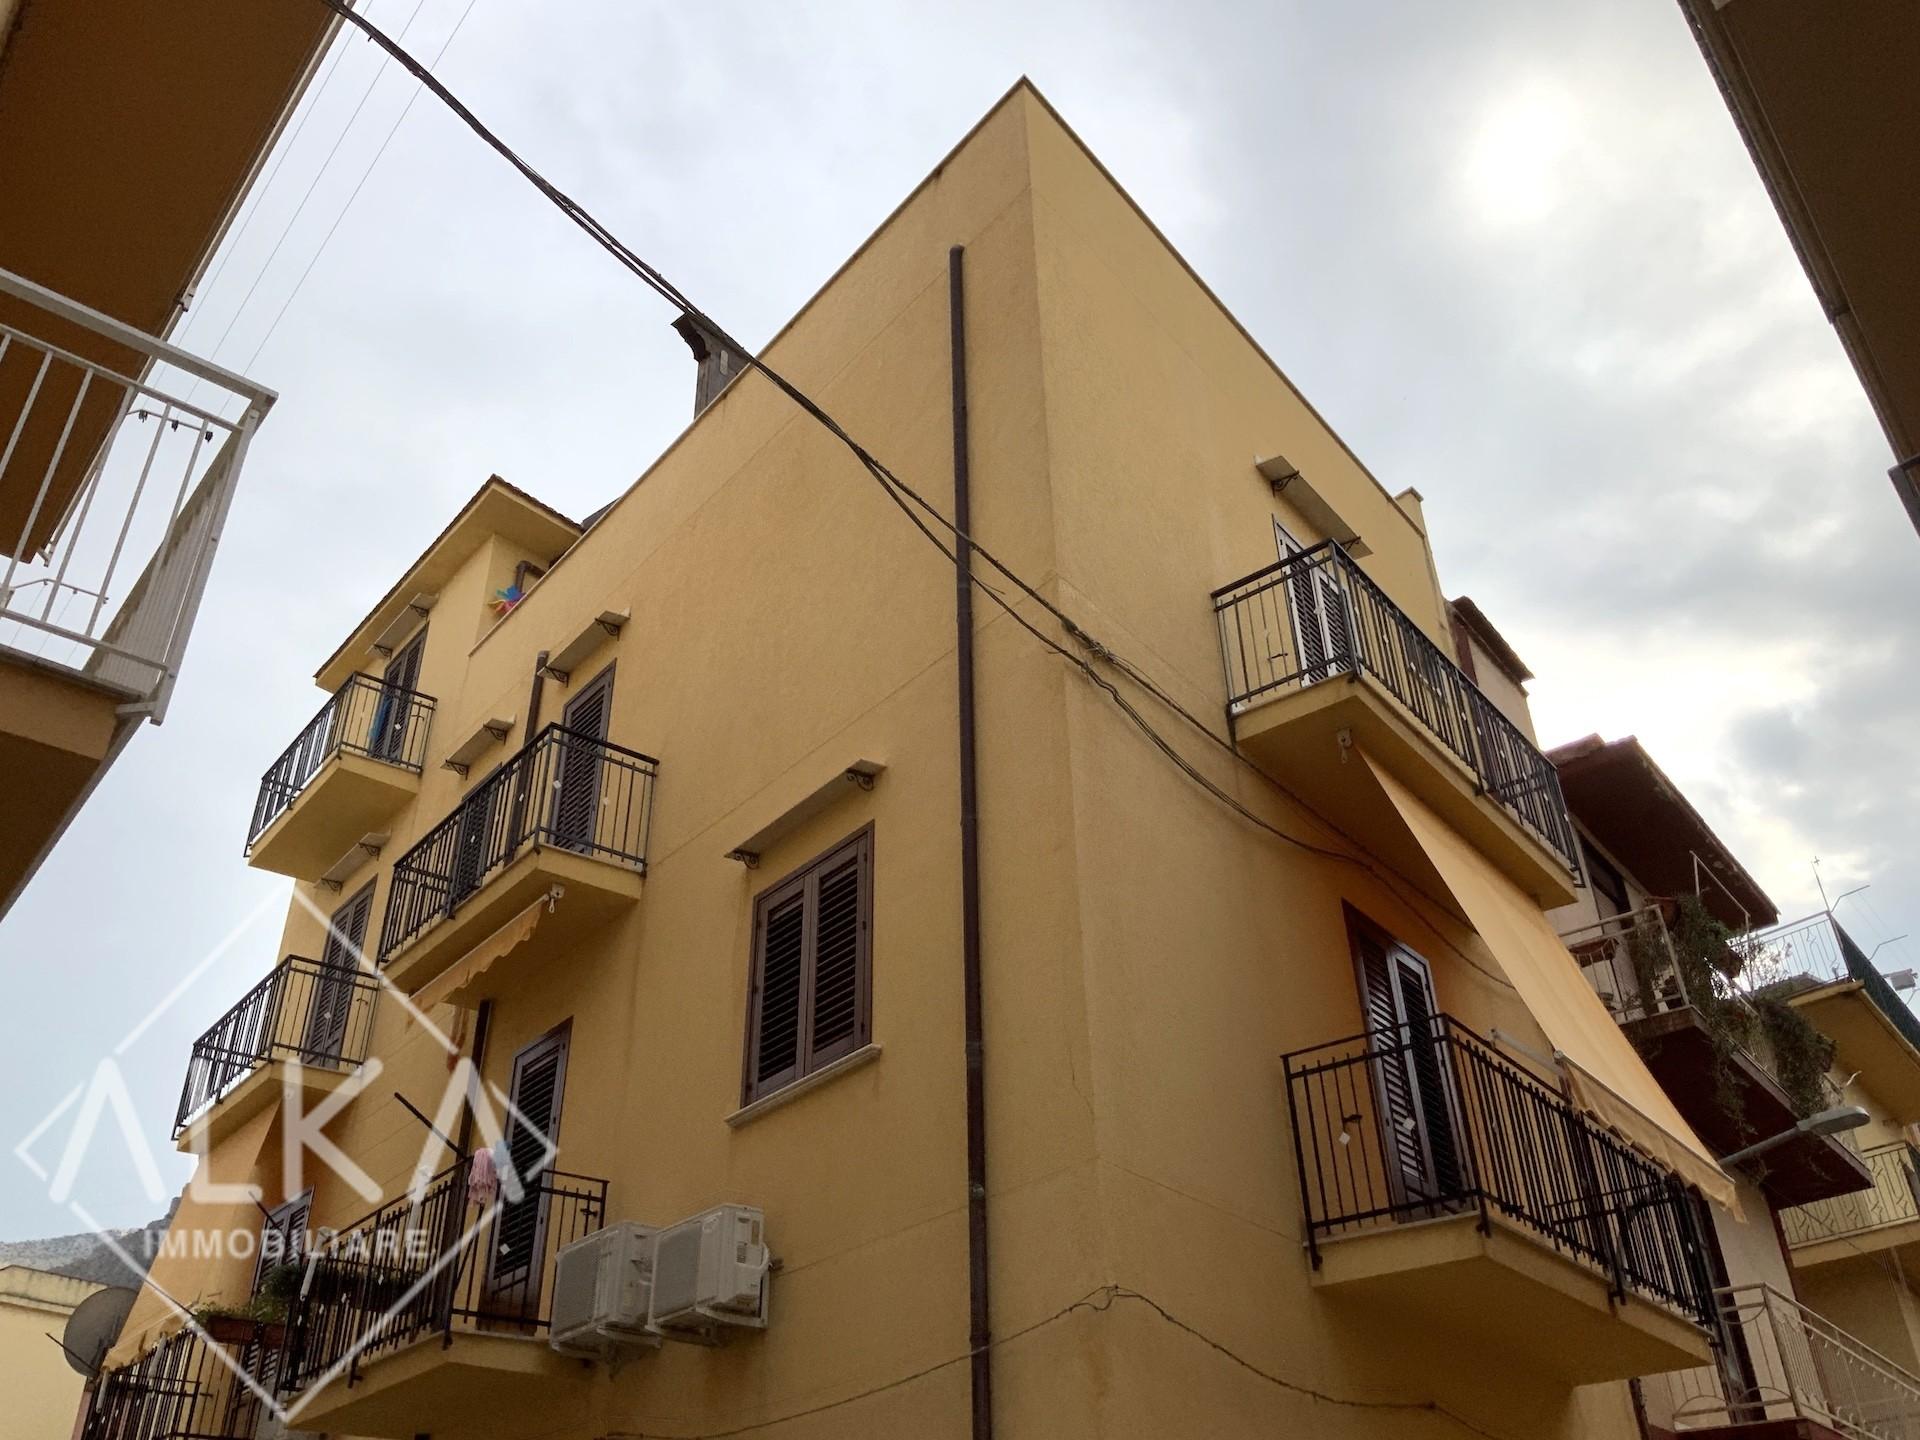 Casa in vendita a Castellammare del Golfo